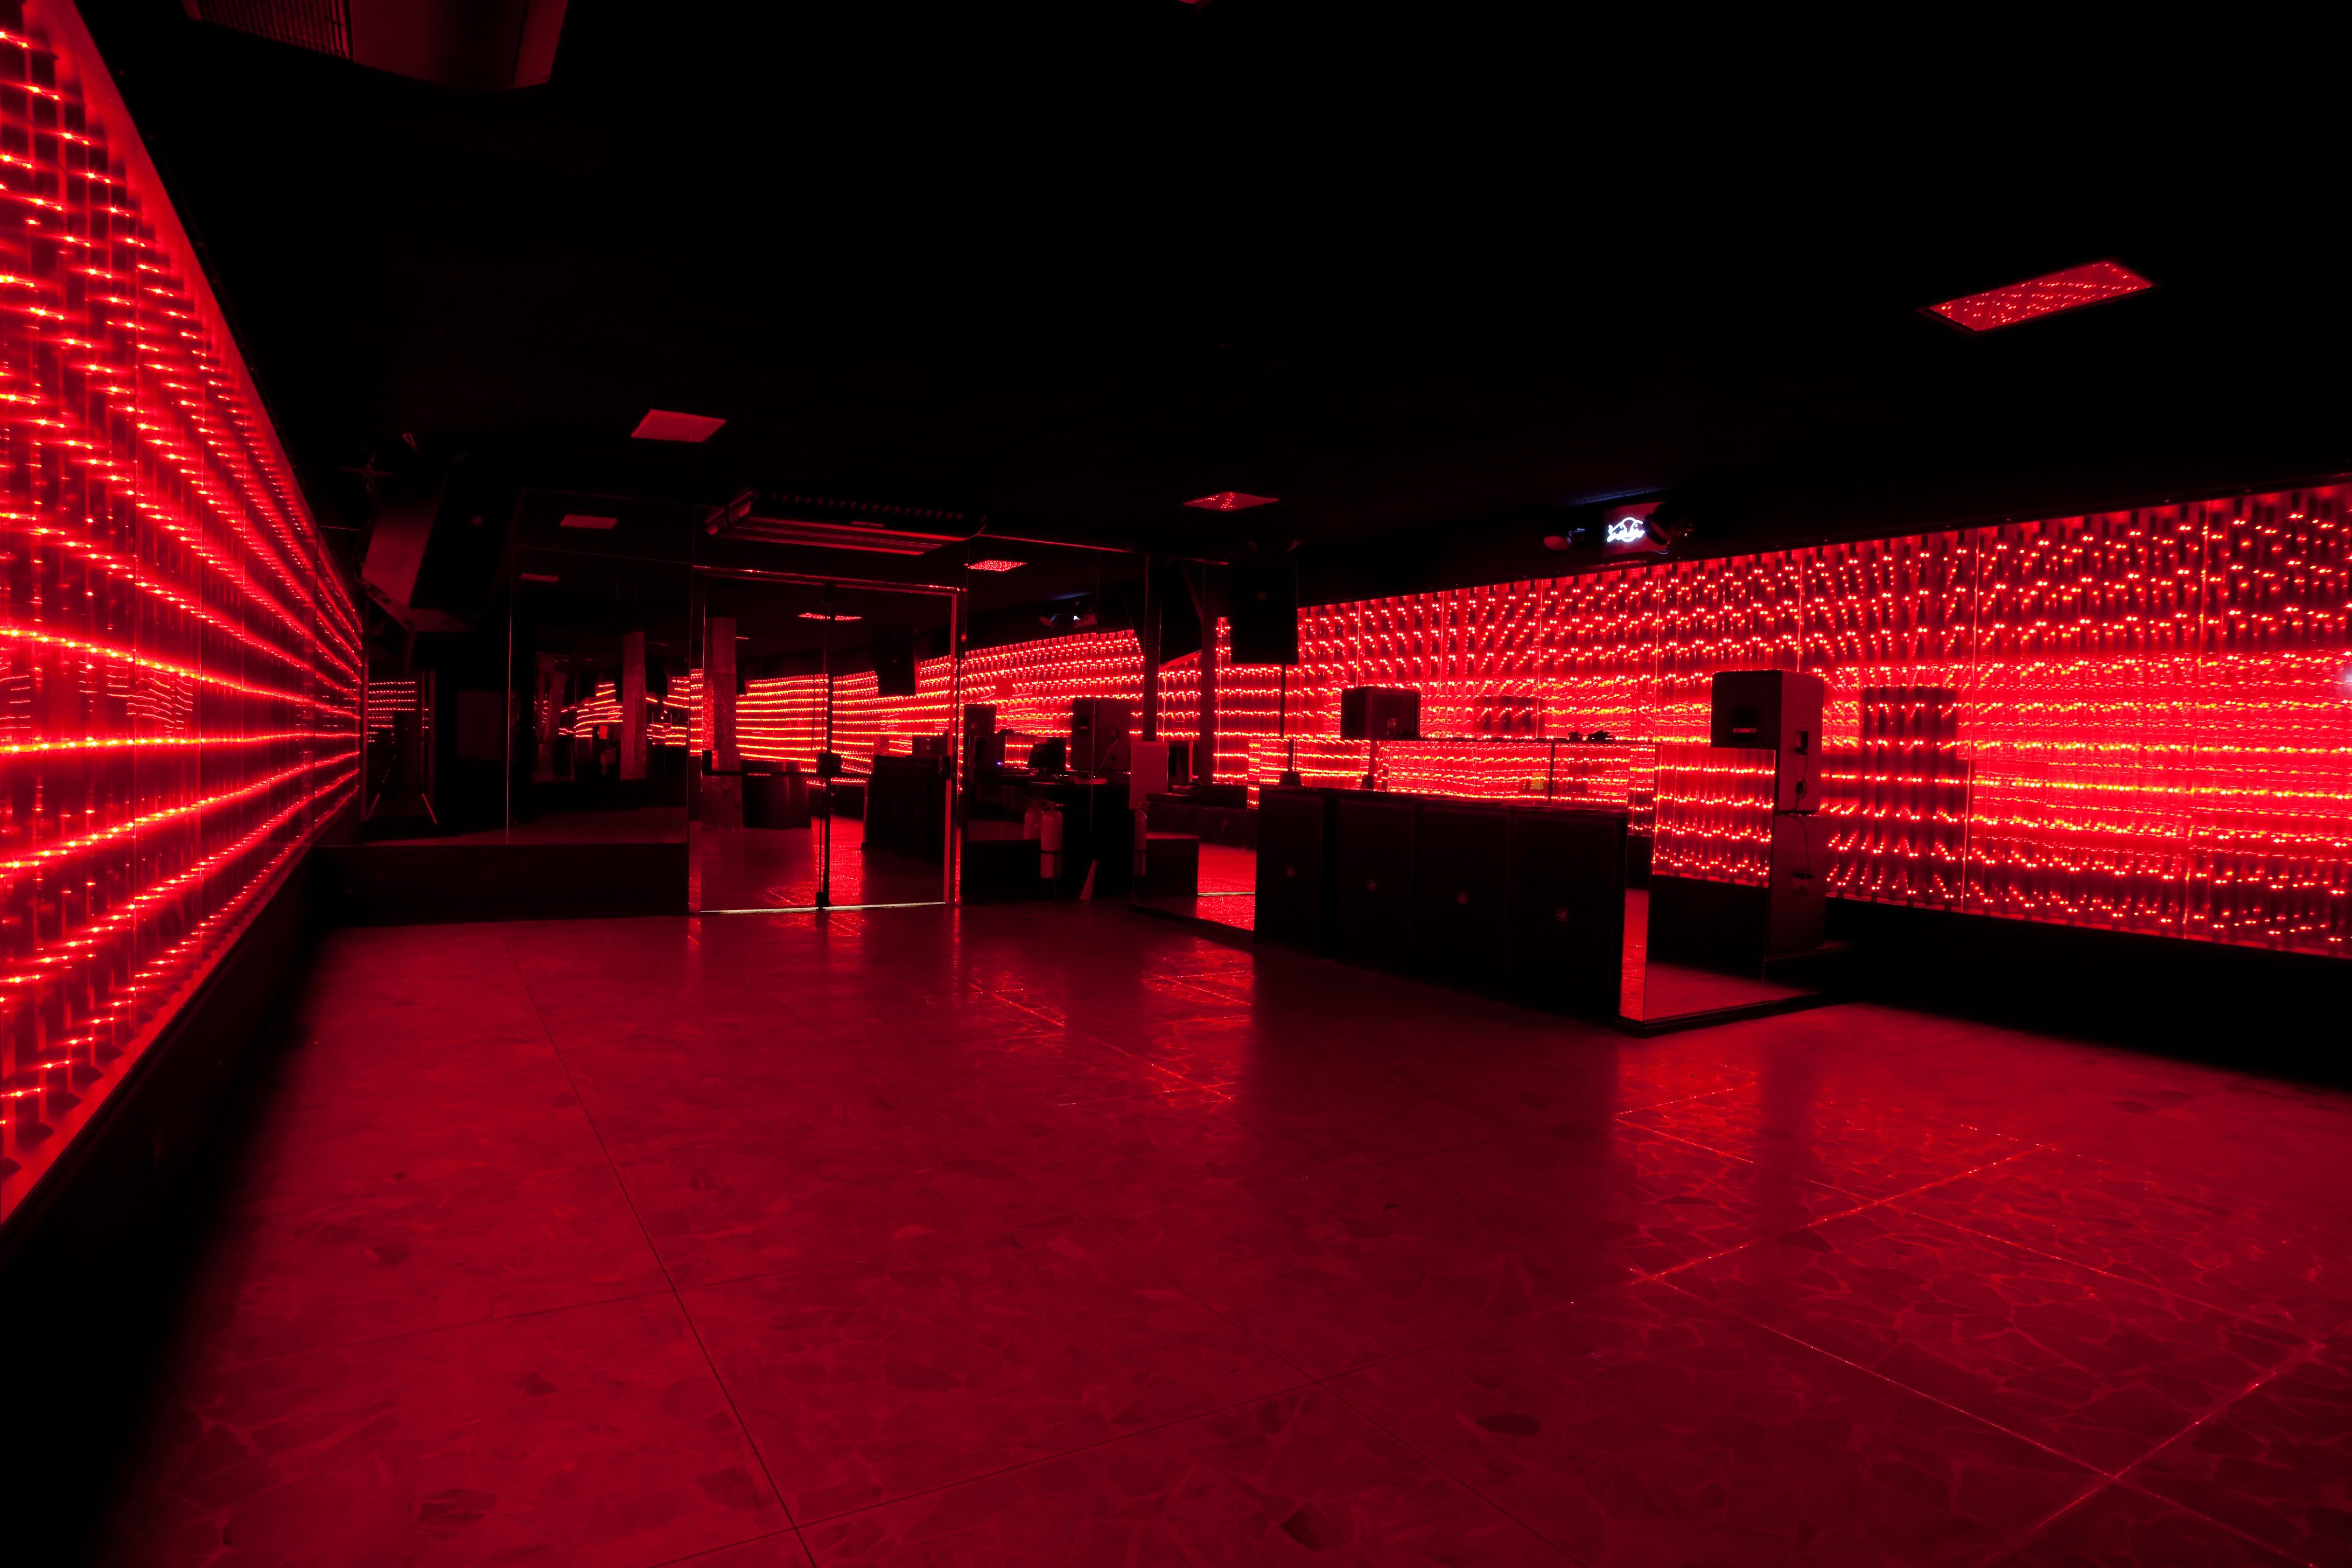 Lions' dance floor